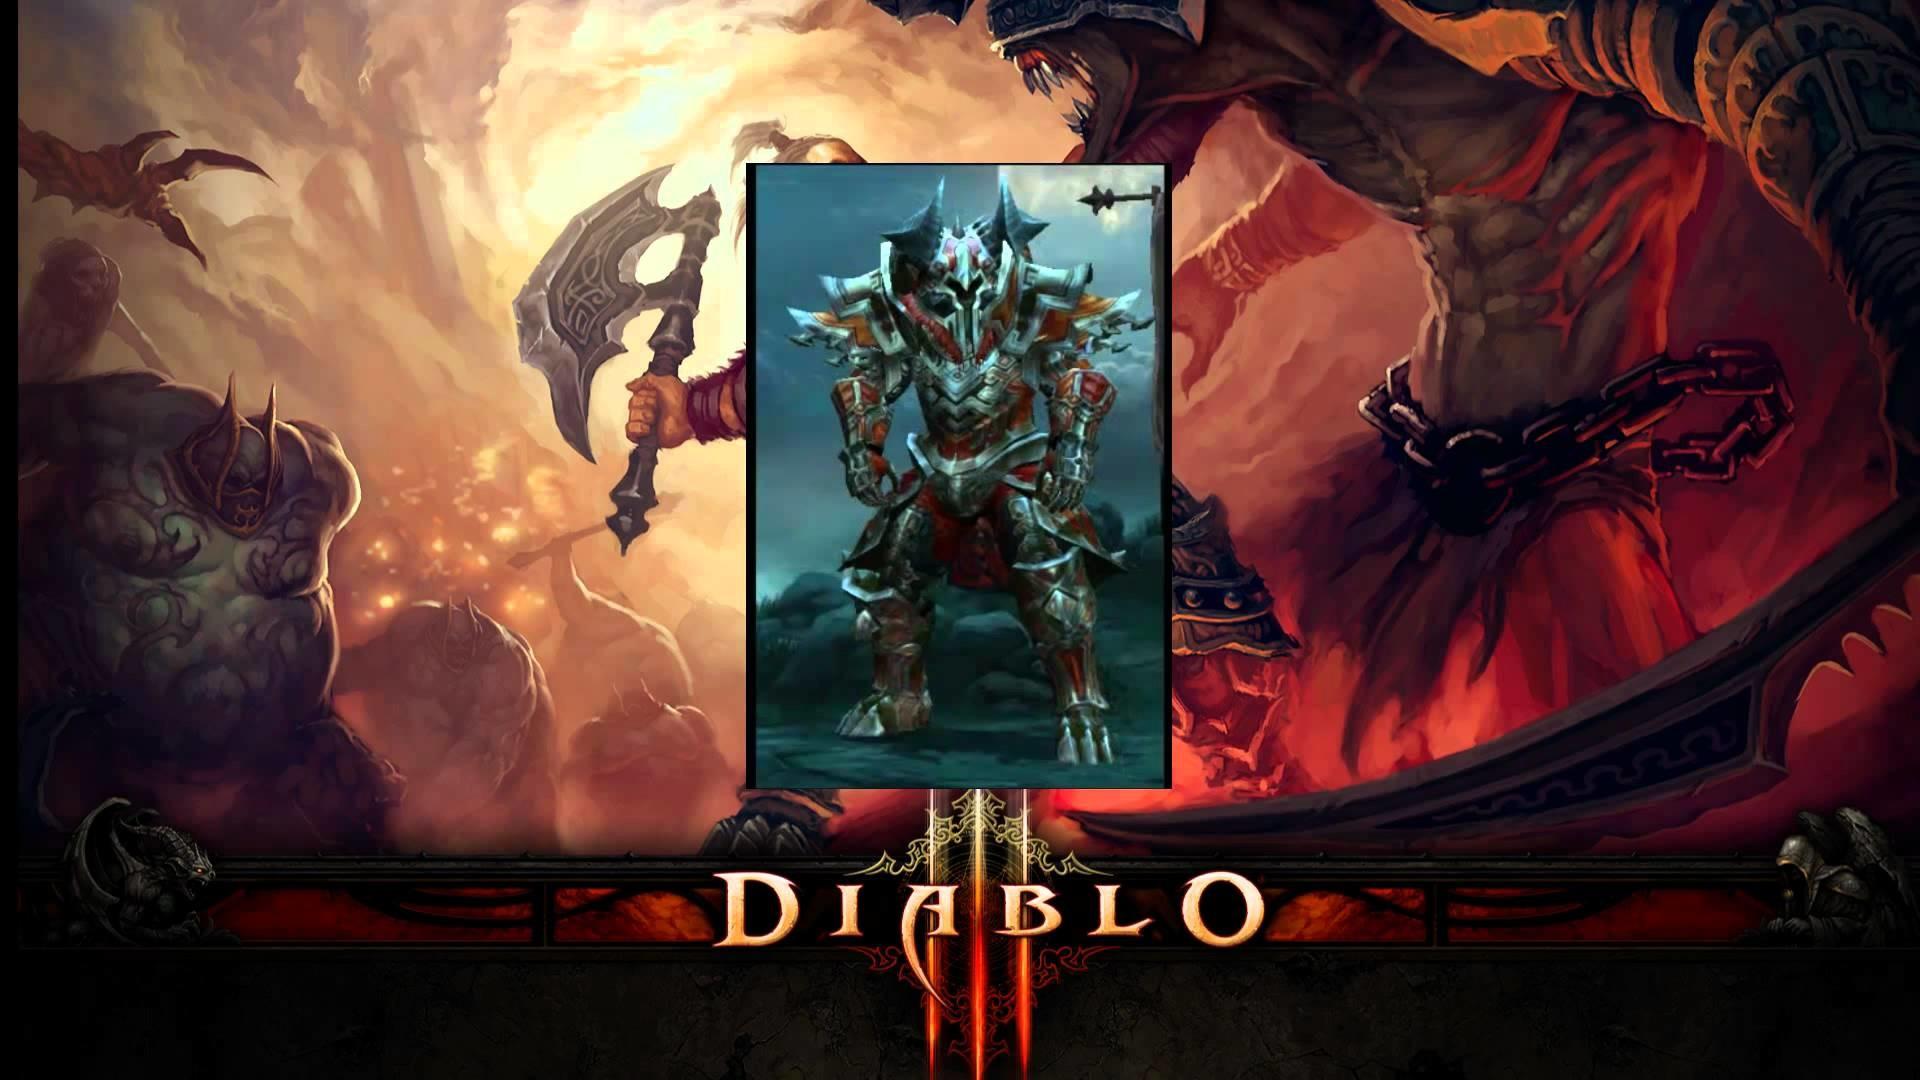 Real Girl Full Hd Wallpaper Diablo 3 Barbarian Wallpaper 81 Images